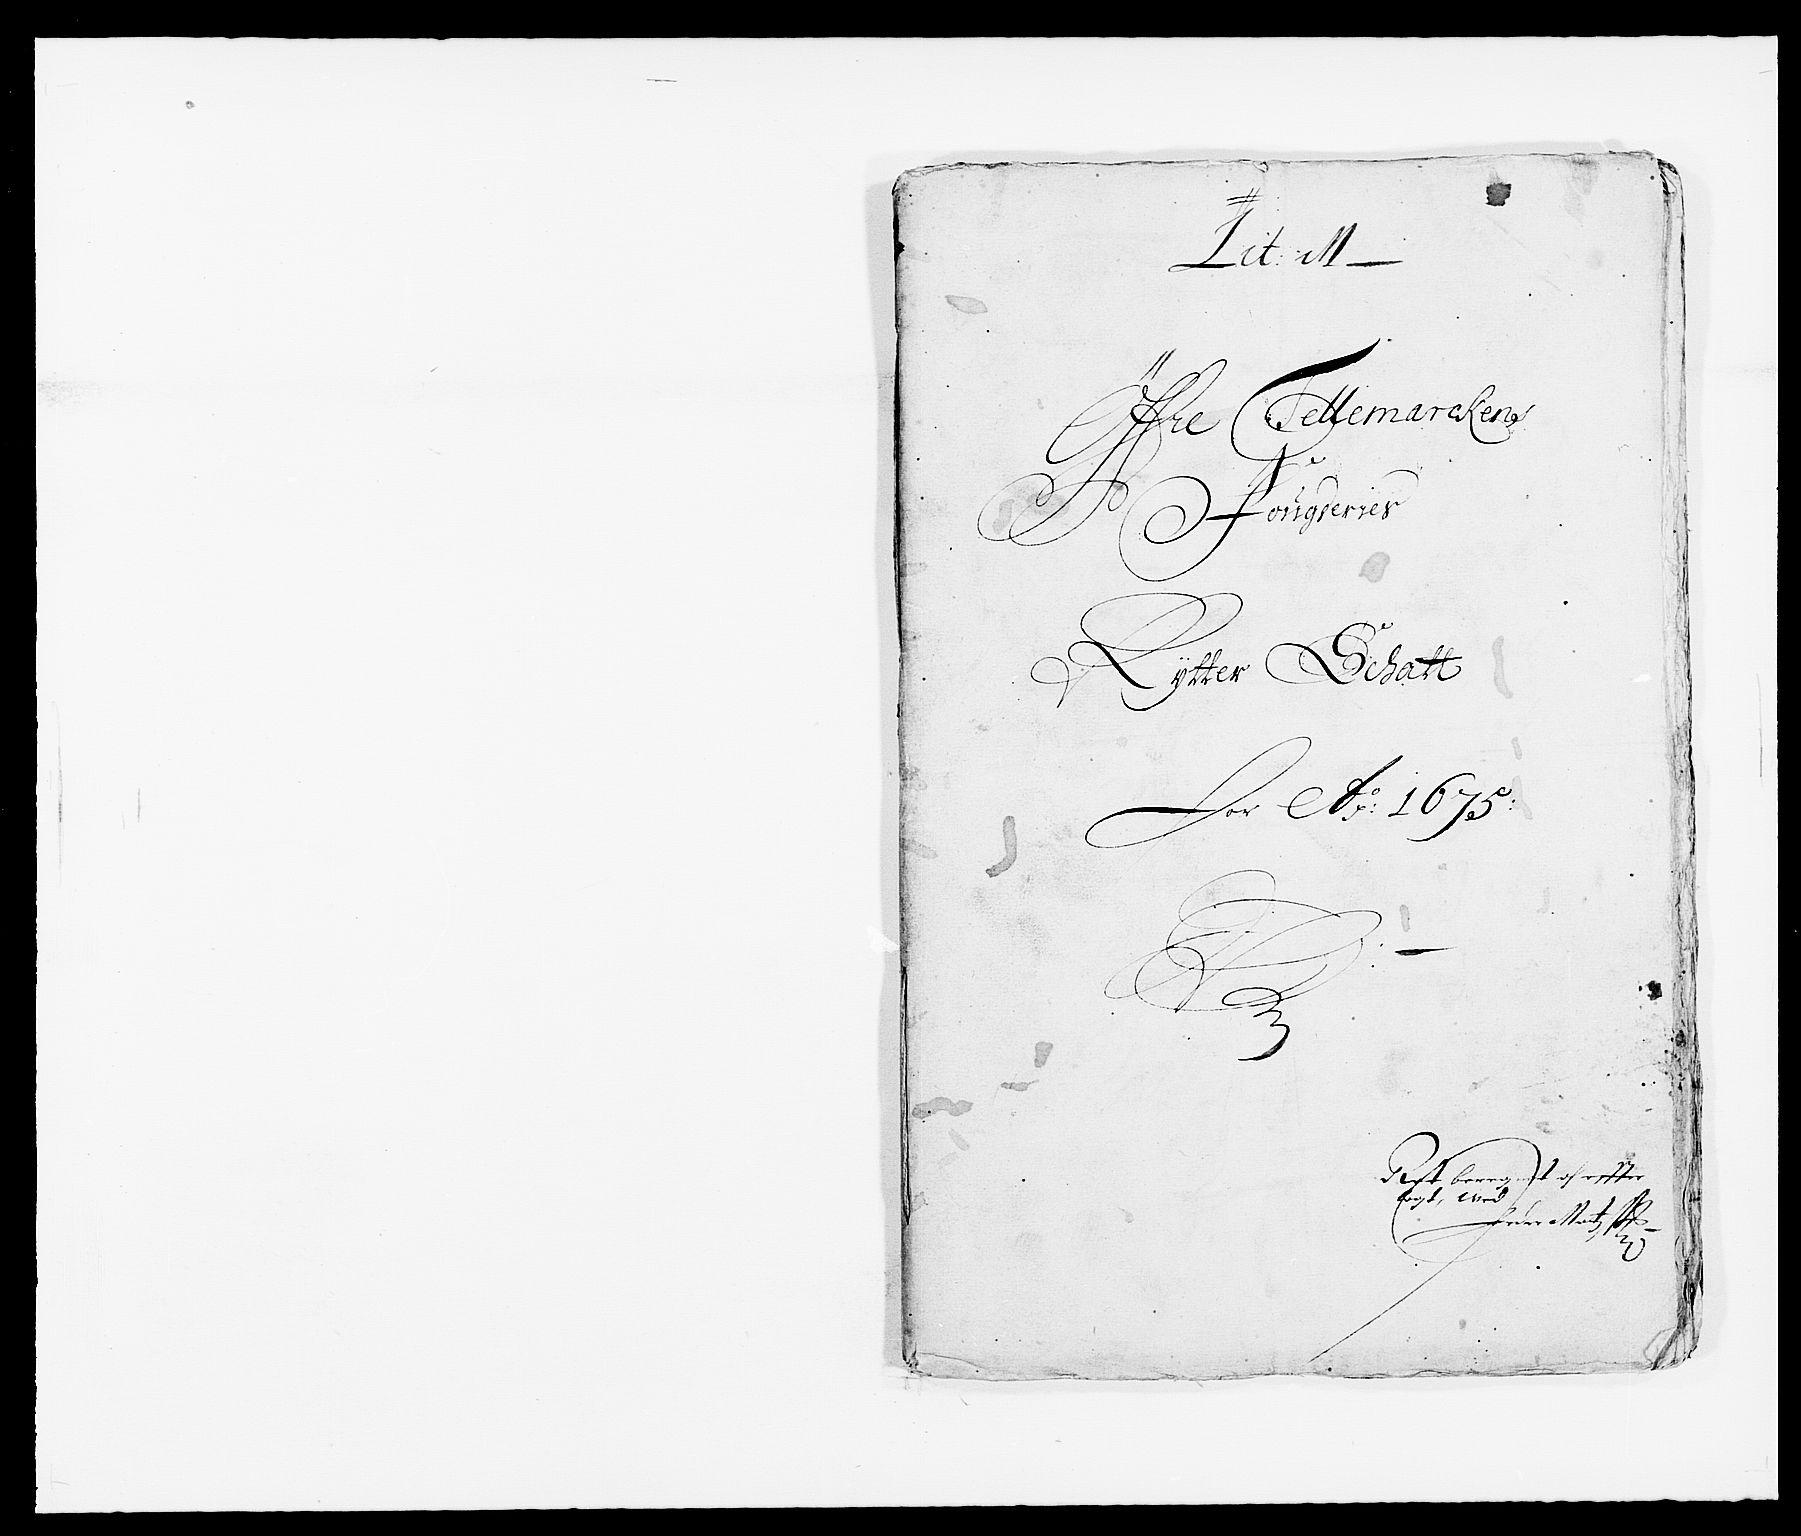 RA, Rentekammeret inntil 1814, Reviderte regnskaper, Fogderegnskap, R35/L2064: Fogderegnskap Øvre og Nedre Telemark, 1675, s. 1